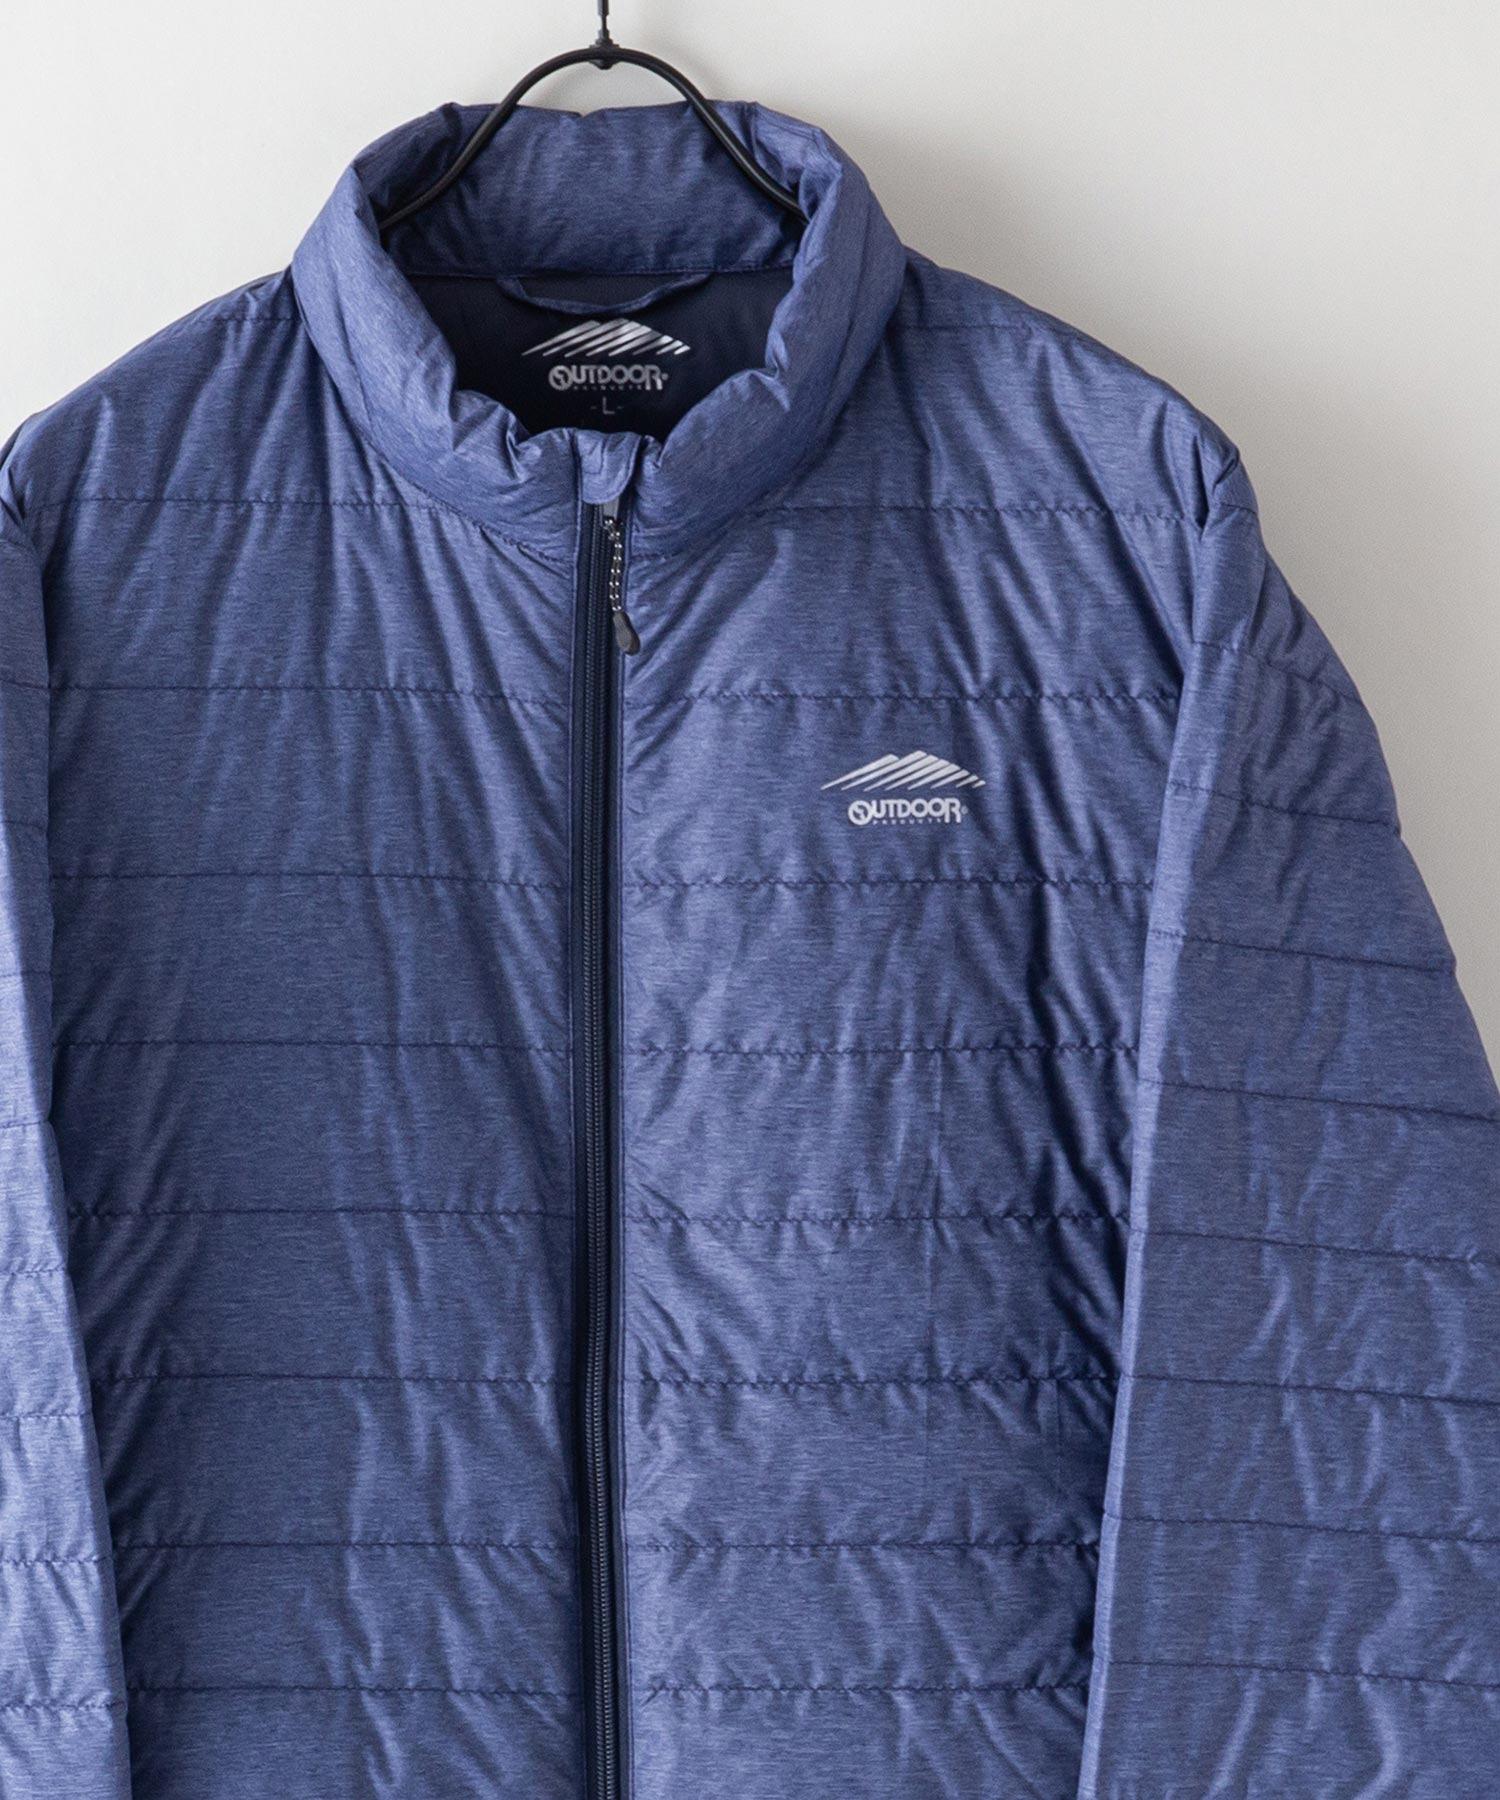 軽量ダウン スタンドライトジャケット 撥水透湿防風ポケッタブル(パッカブル)700フィルパワー